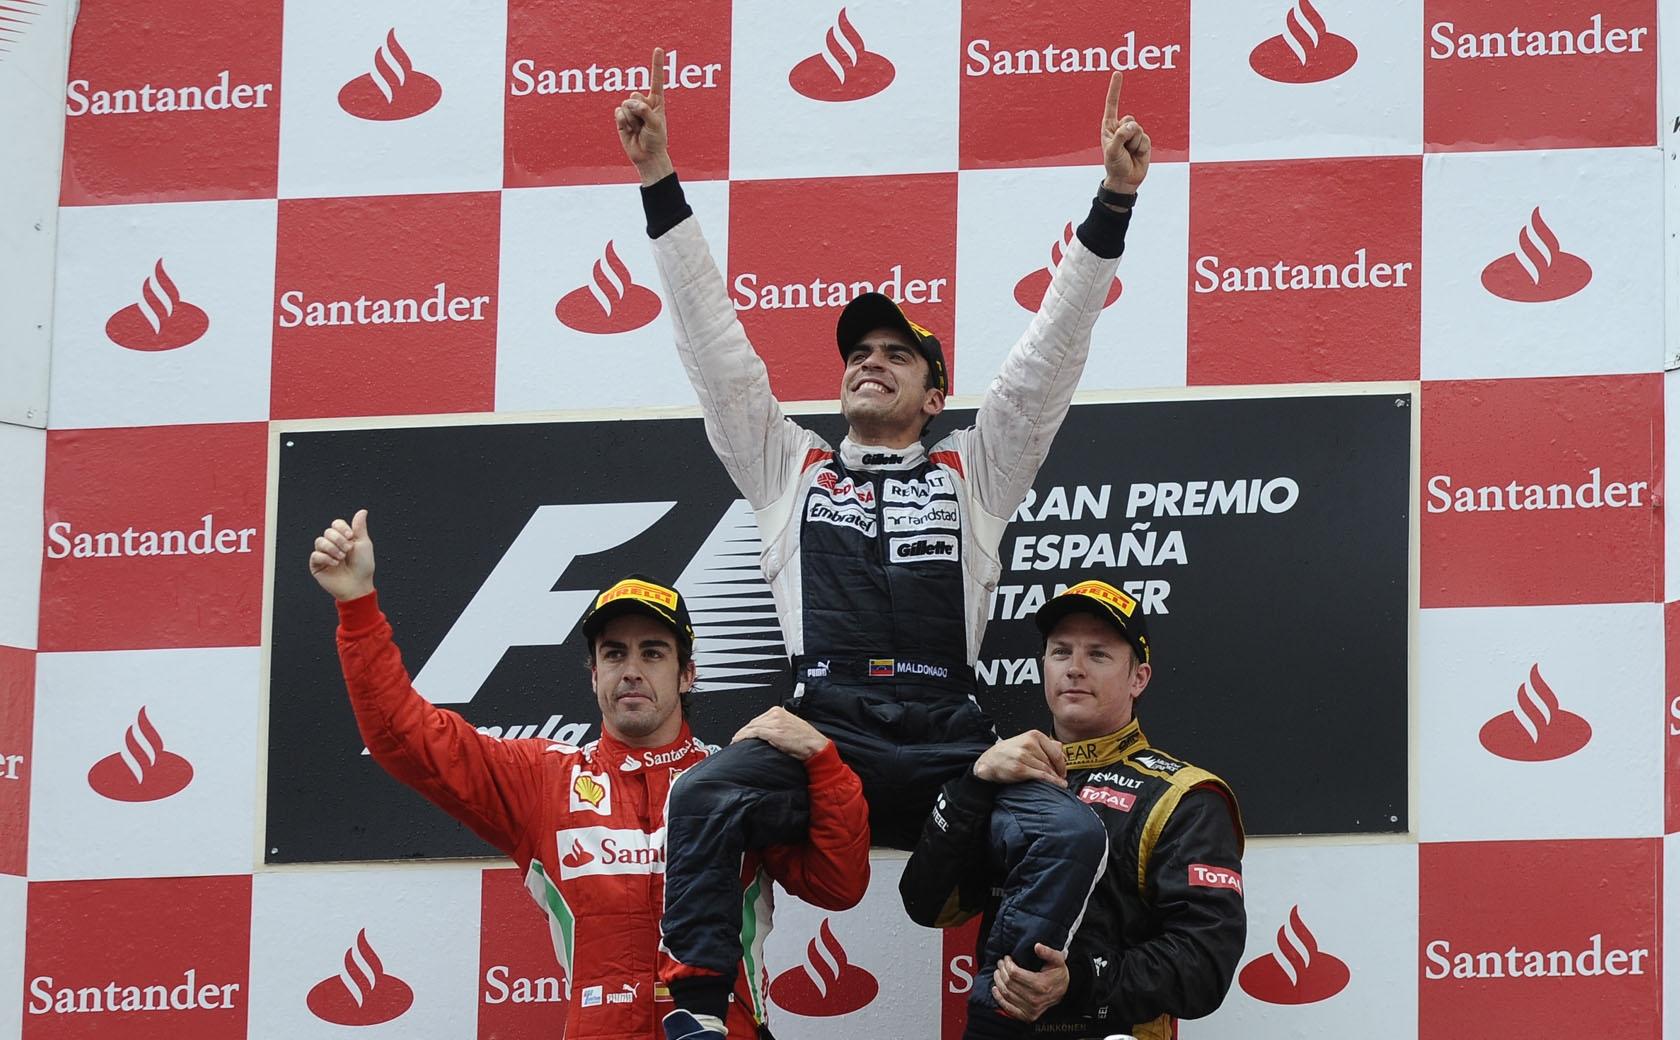 Maldonado u društvu svjetskih prvaka Alonsa i Raikkonena slavi svoju prvu i zasad jedinu pobjedu u Formuli 1 (13.5.2012.) Foto: Pirelli